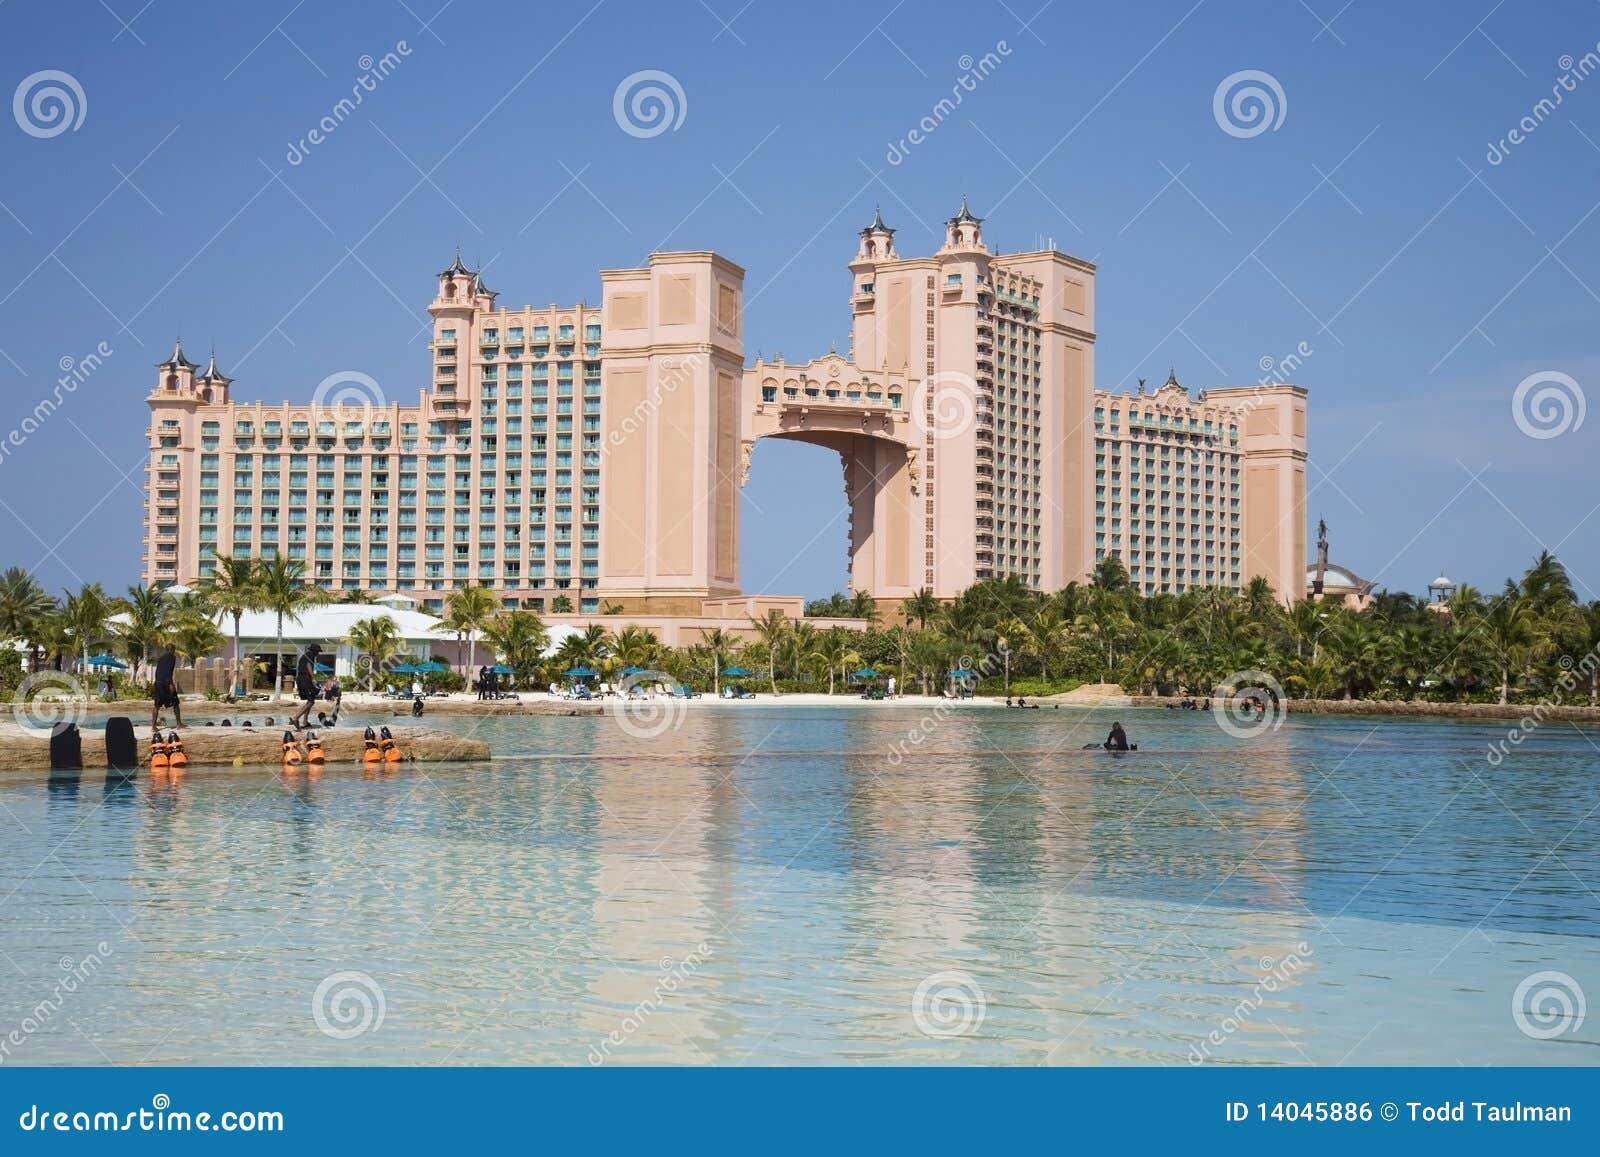 atlantis hotel and casino bahamas